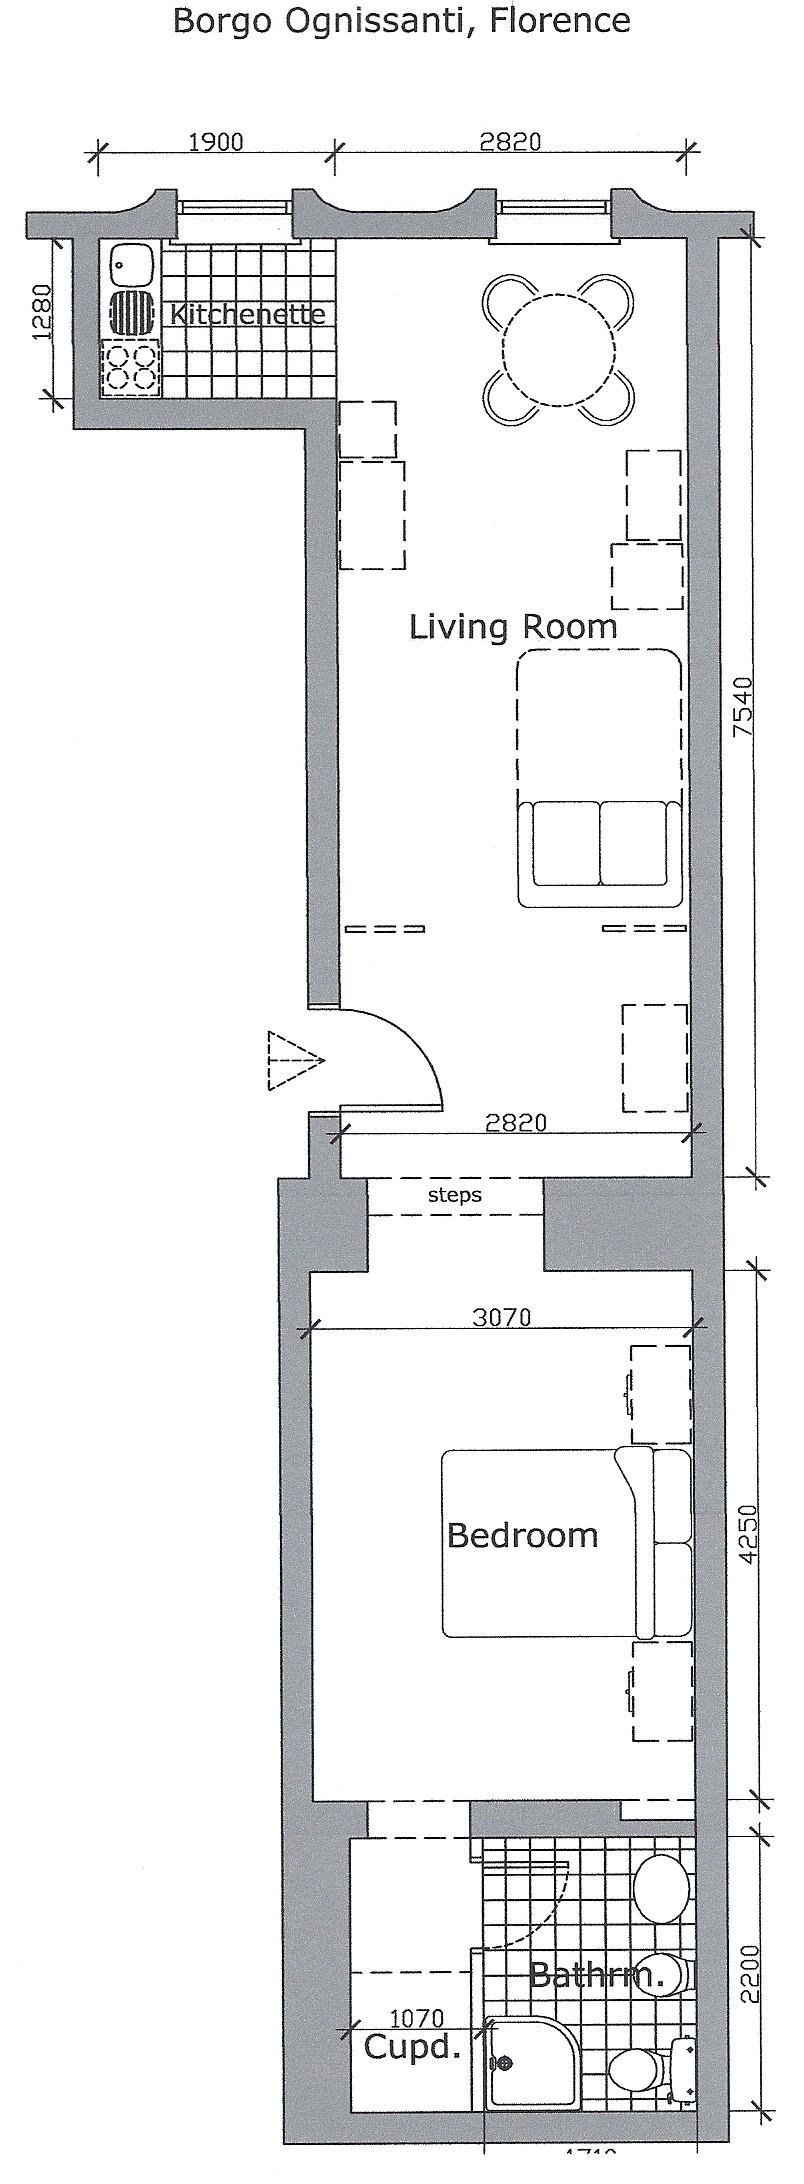 Floor plan of borgo ognissanti apartment